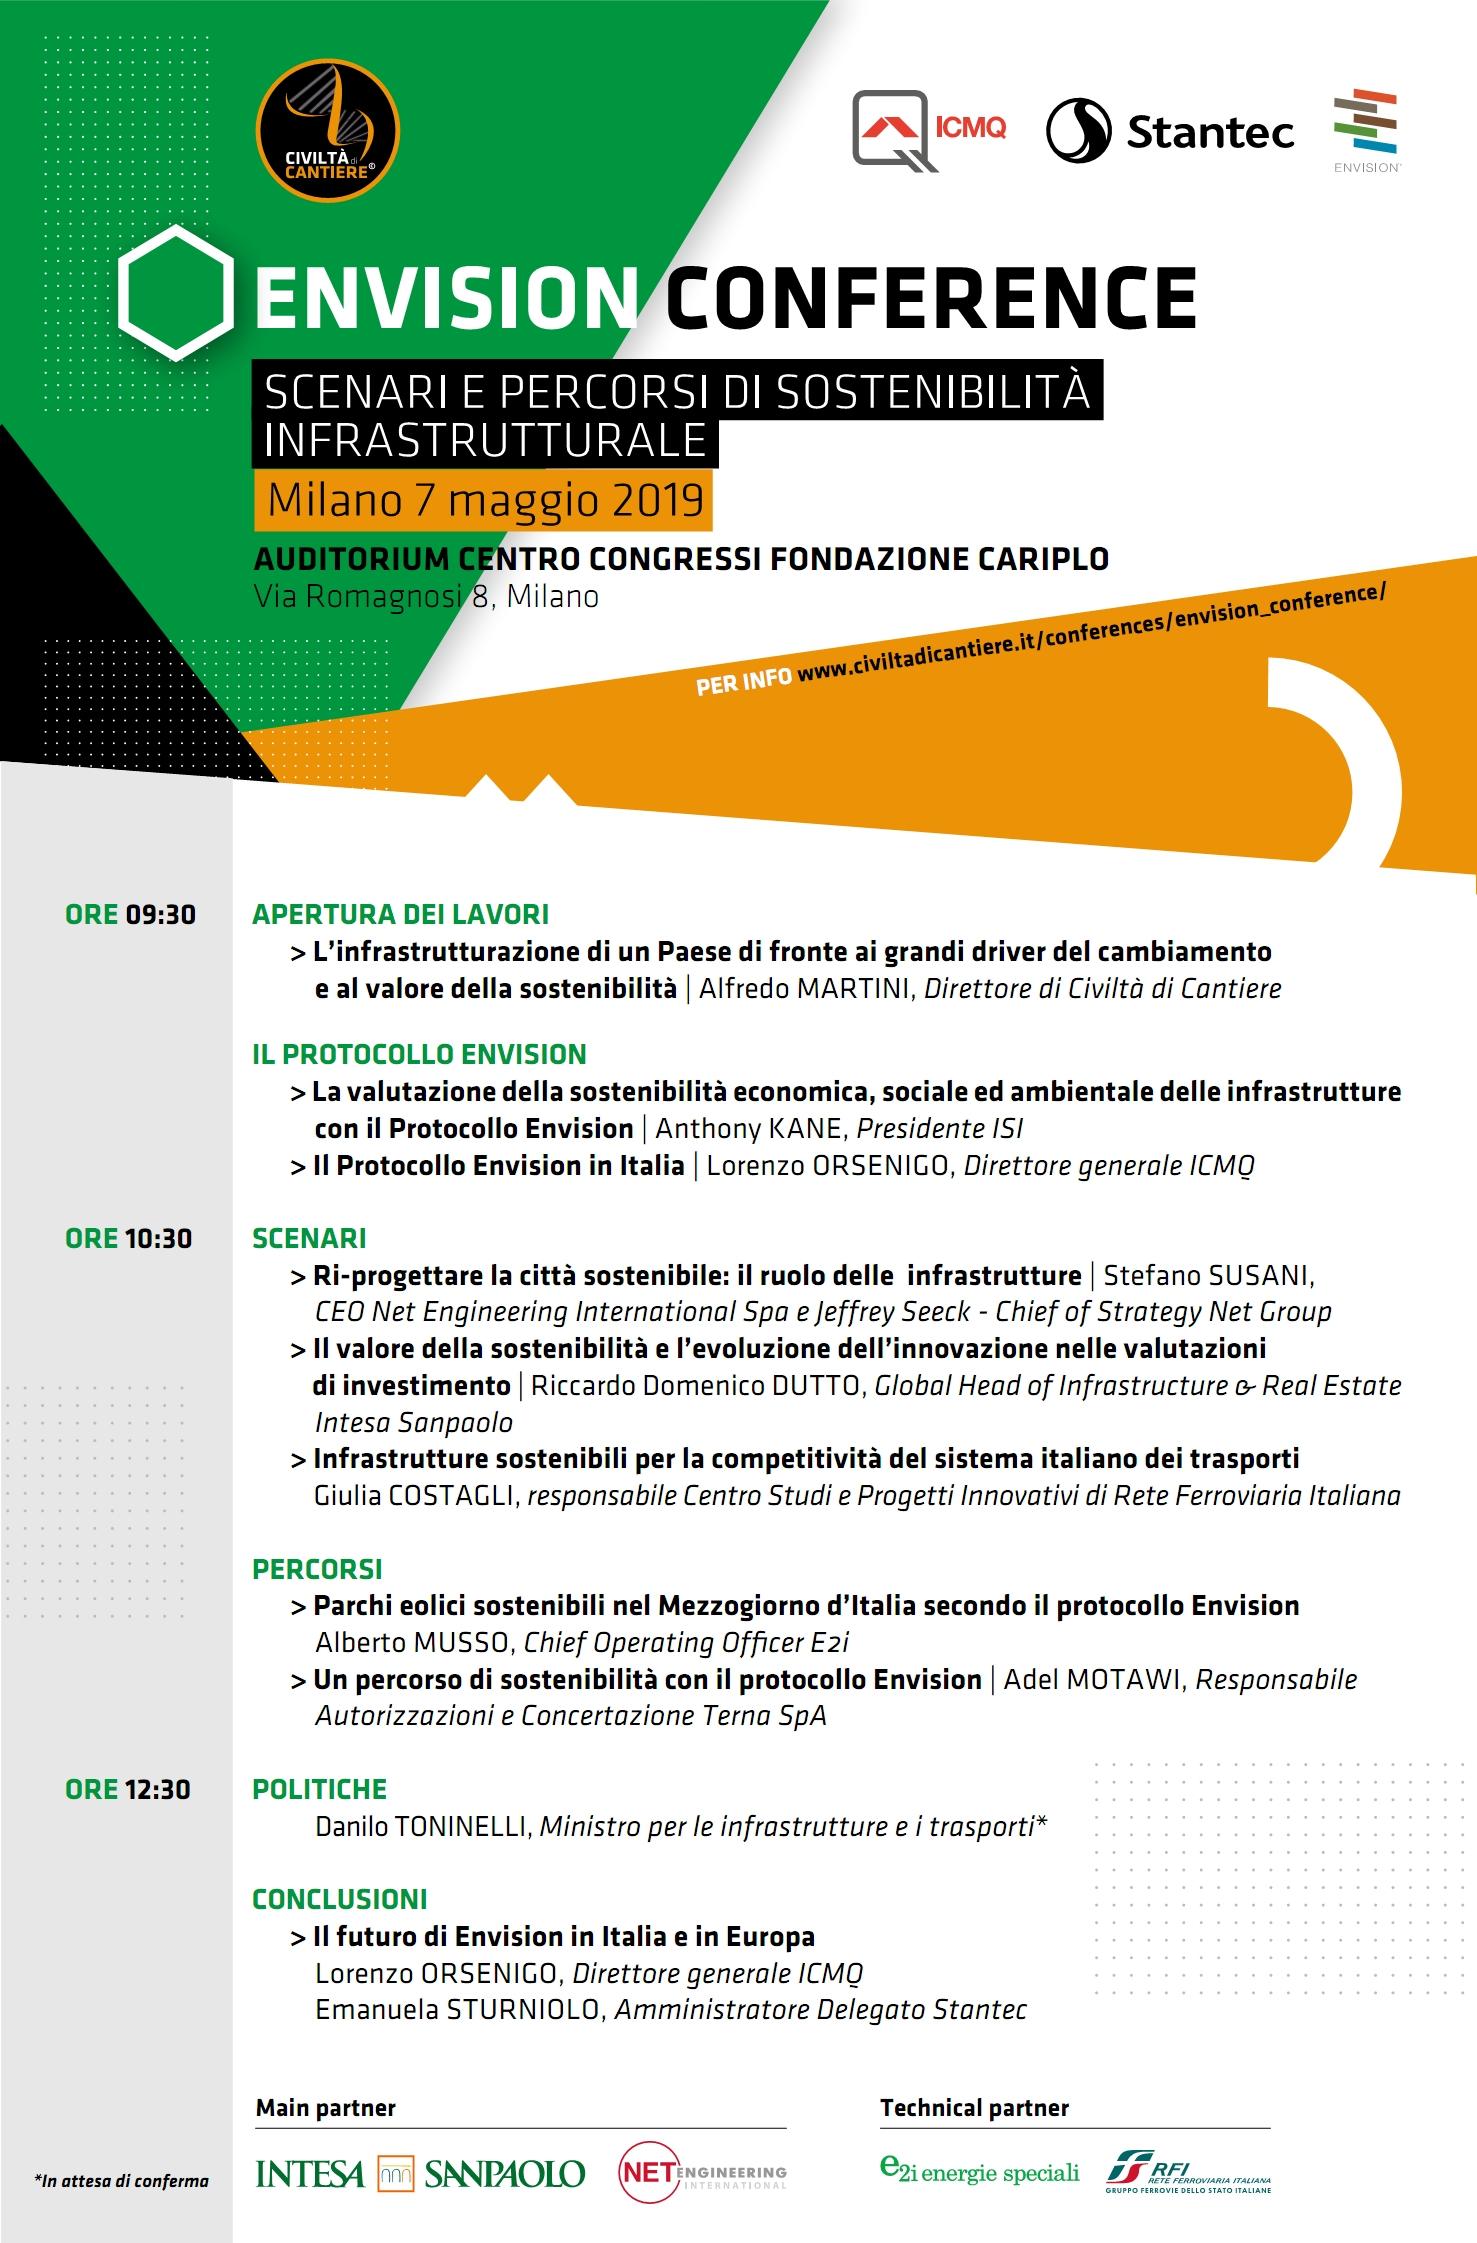 Envision Conference – Scenari E Percorsi Di Sostenibilità Infrastrutturale